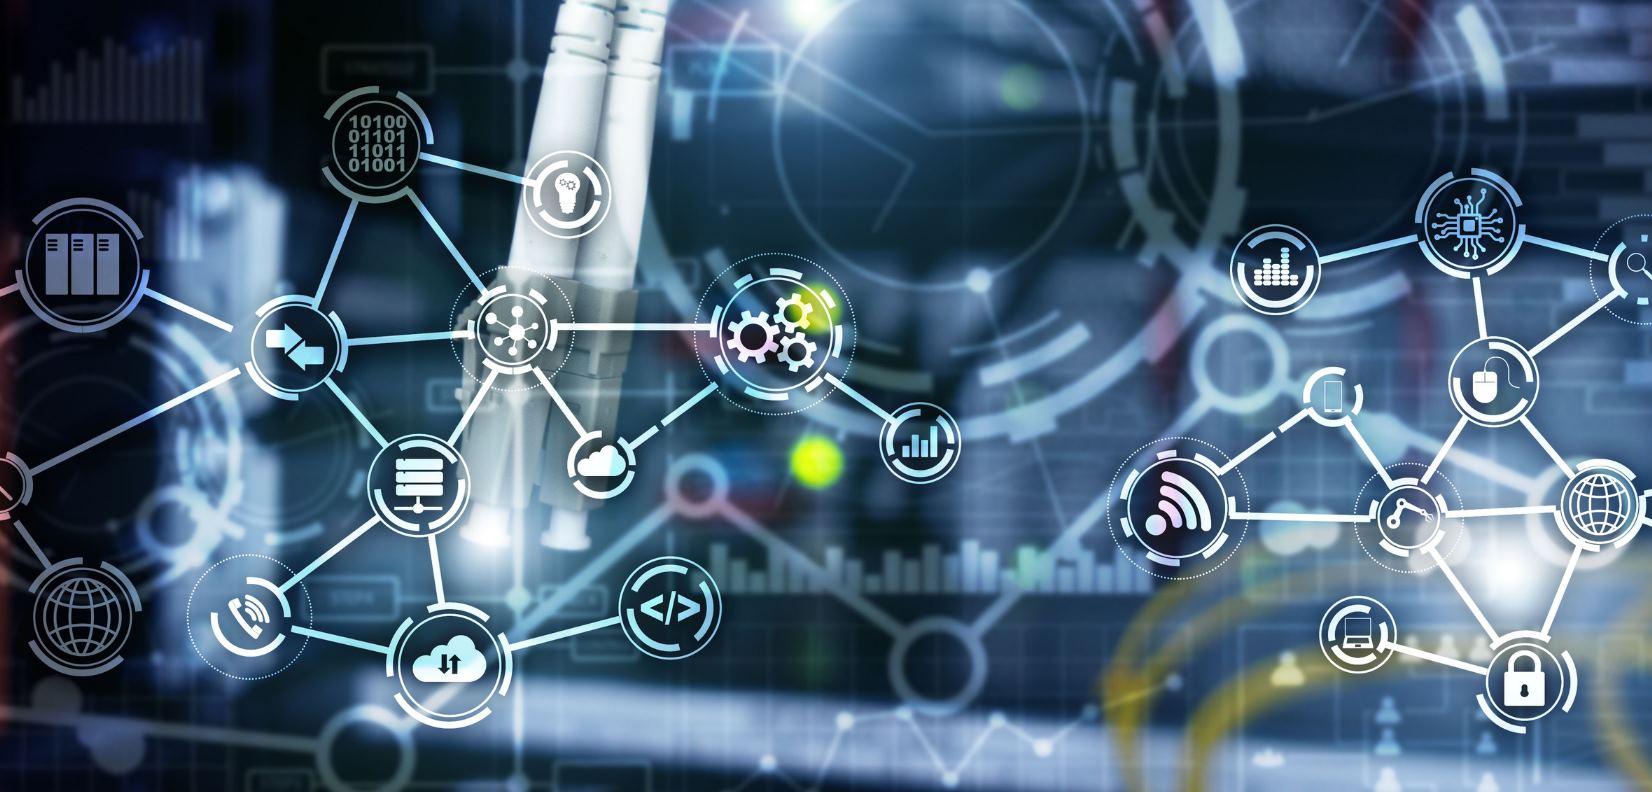 ¿Merece la pena implementar el Internet de las cosas en la industria?